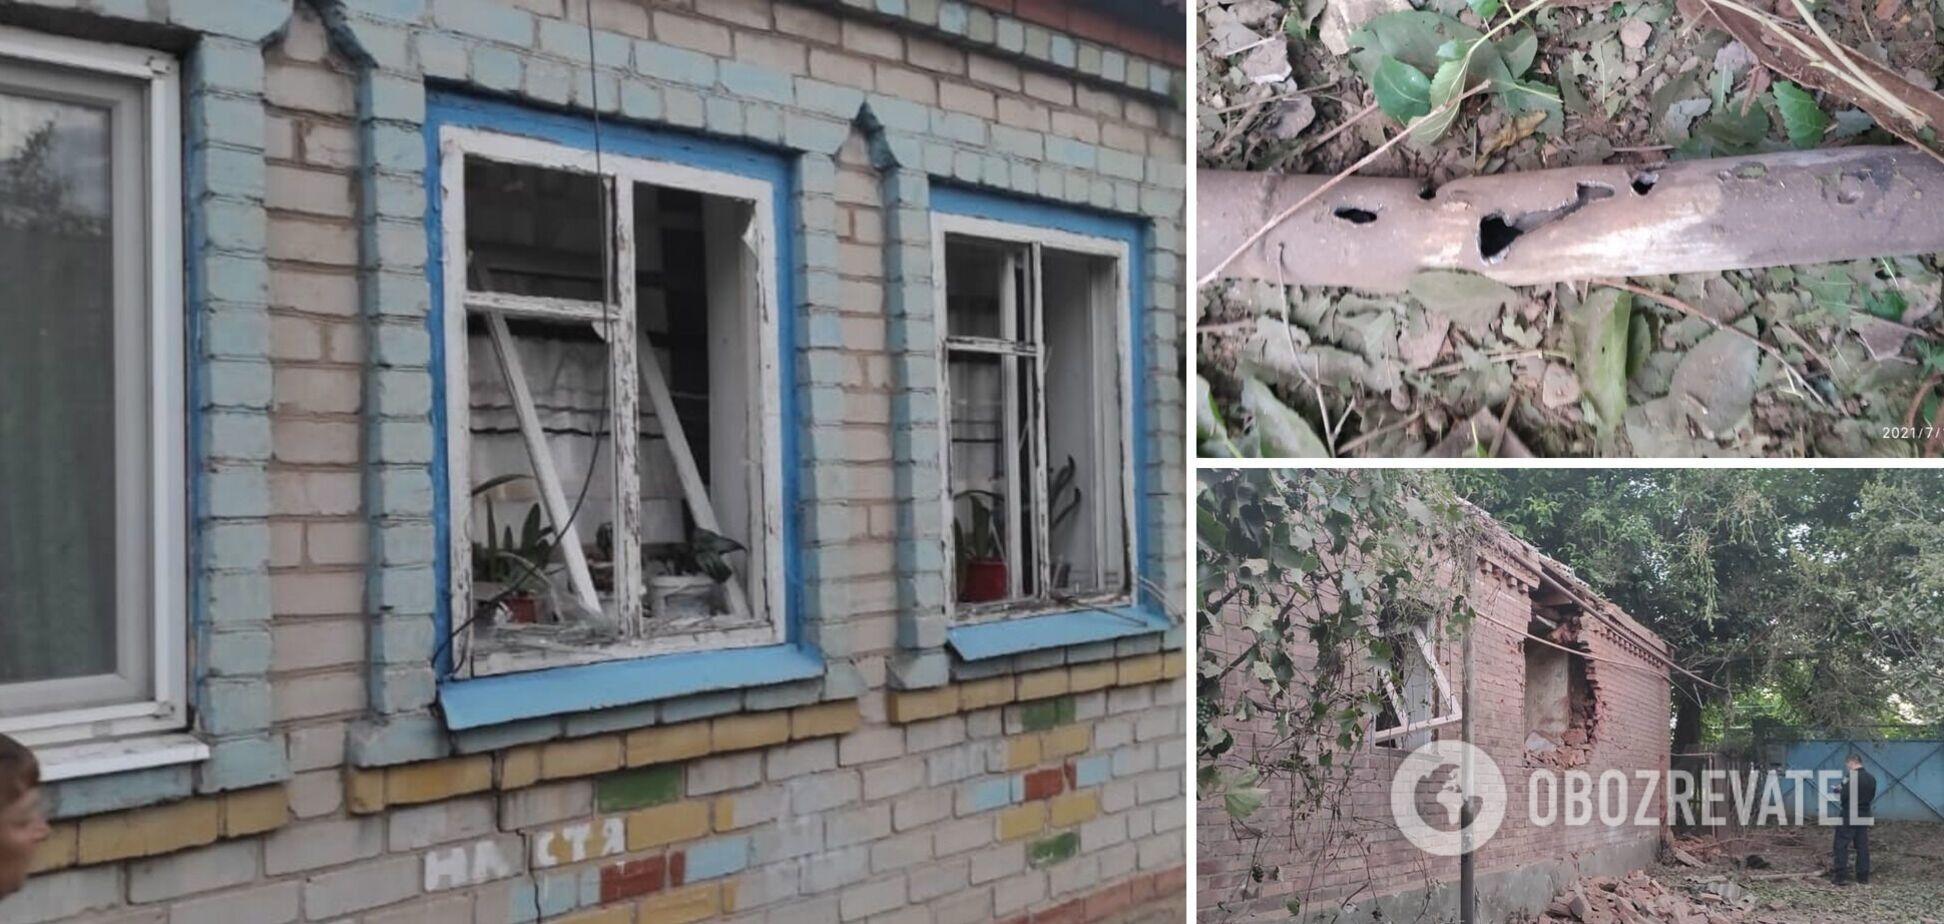 Наемники России обстреляли украинский Нью-Йорк. Фото разрушений